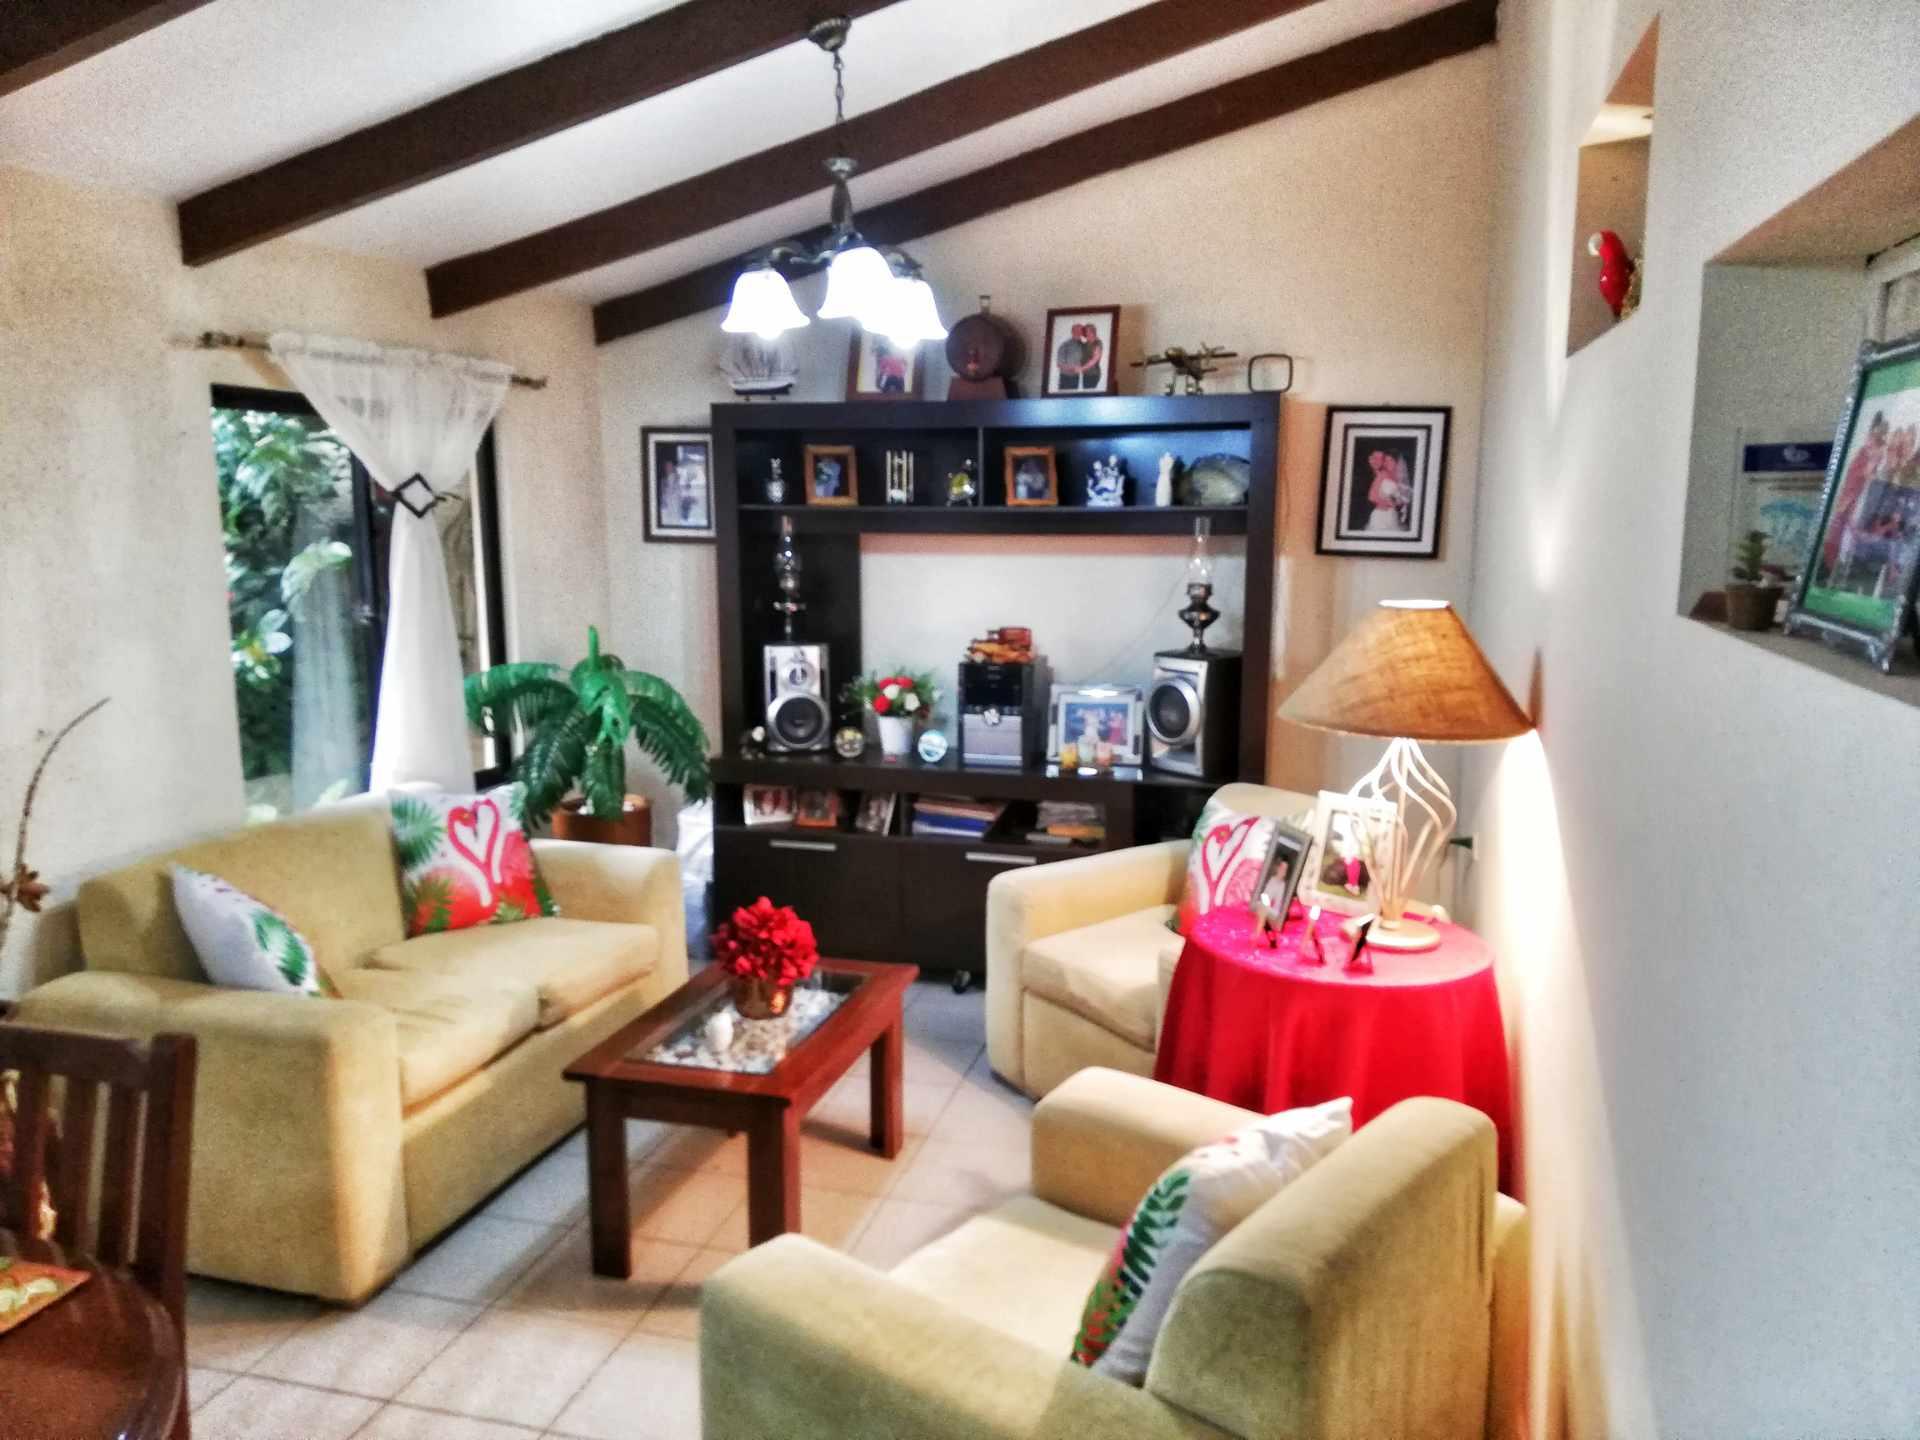 Casa en Venta HERMOSA CASA EN VENTA EN ZONA NORTE Foto 1